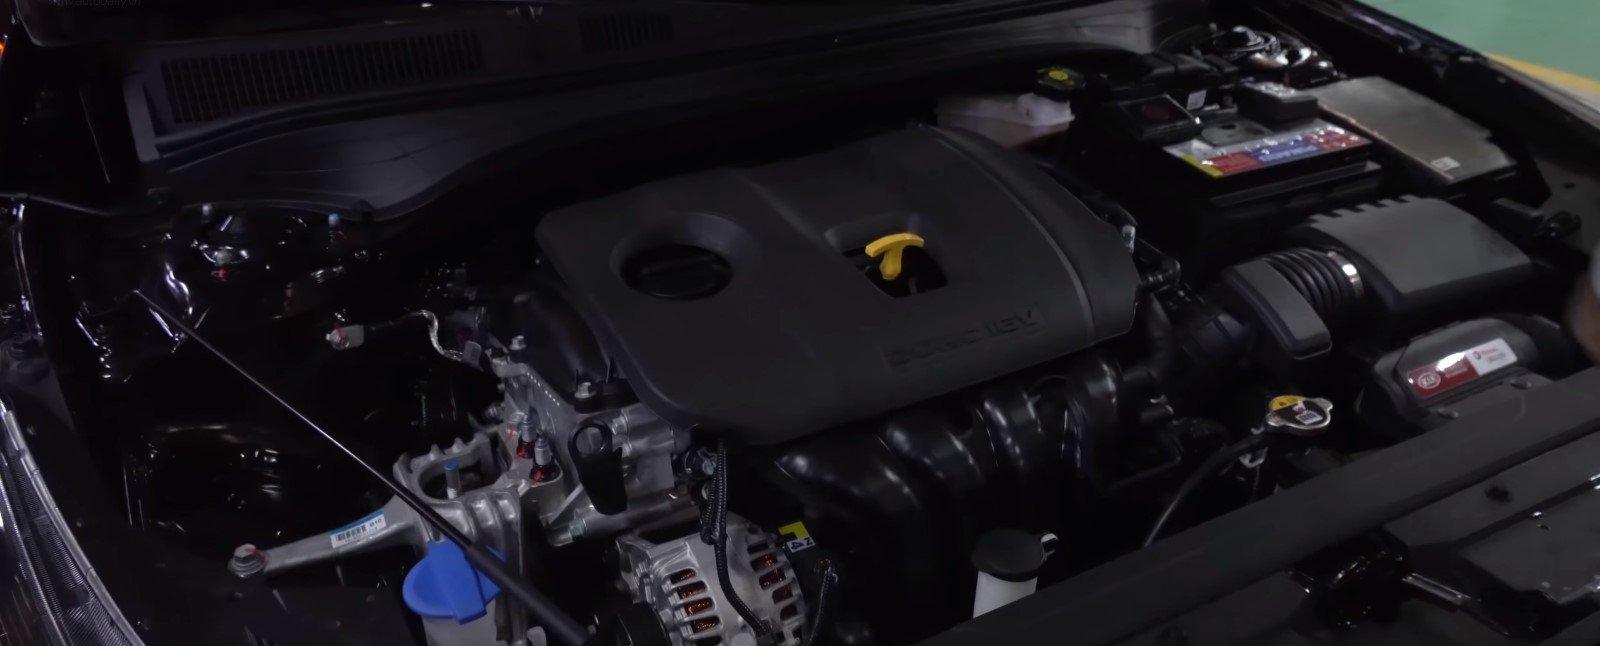 Ảnh chụp động cơ xe Kia Cerato Premium 2.0L 2019